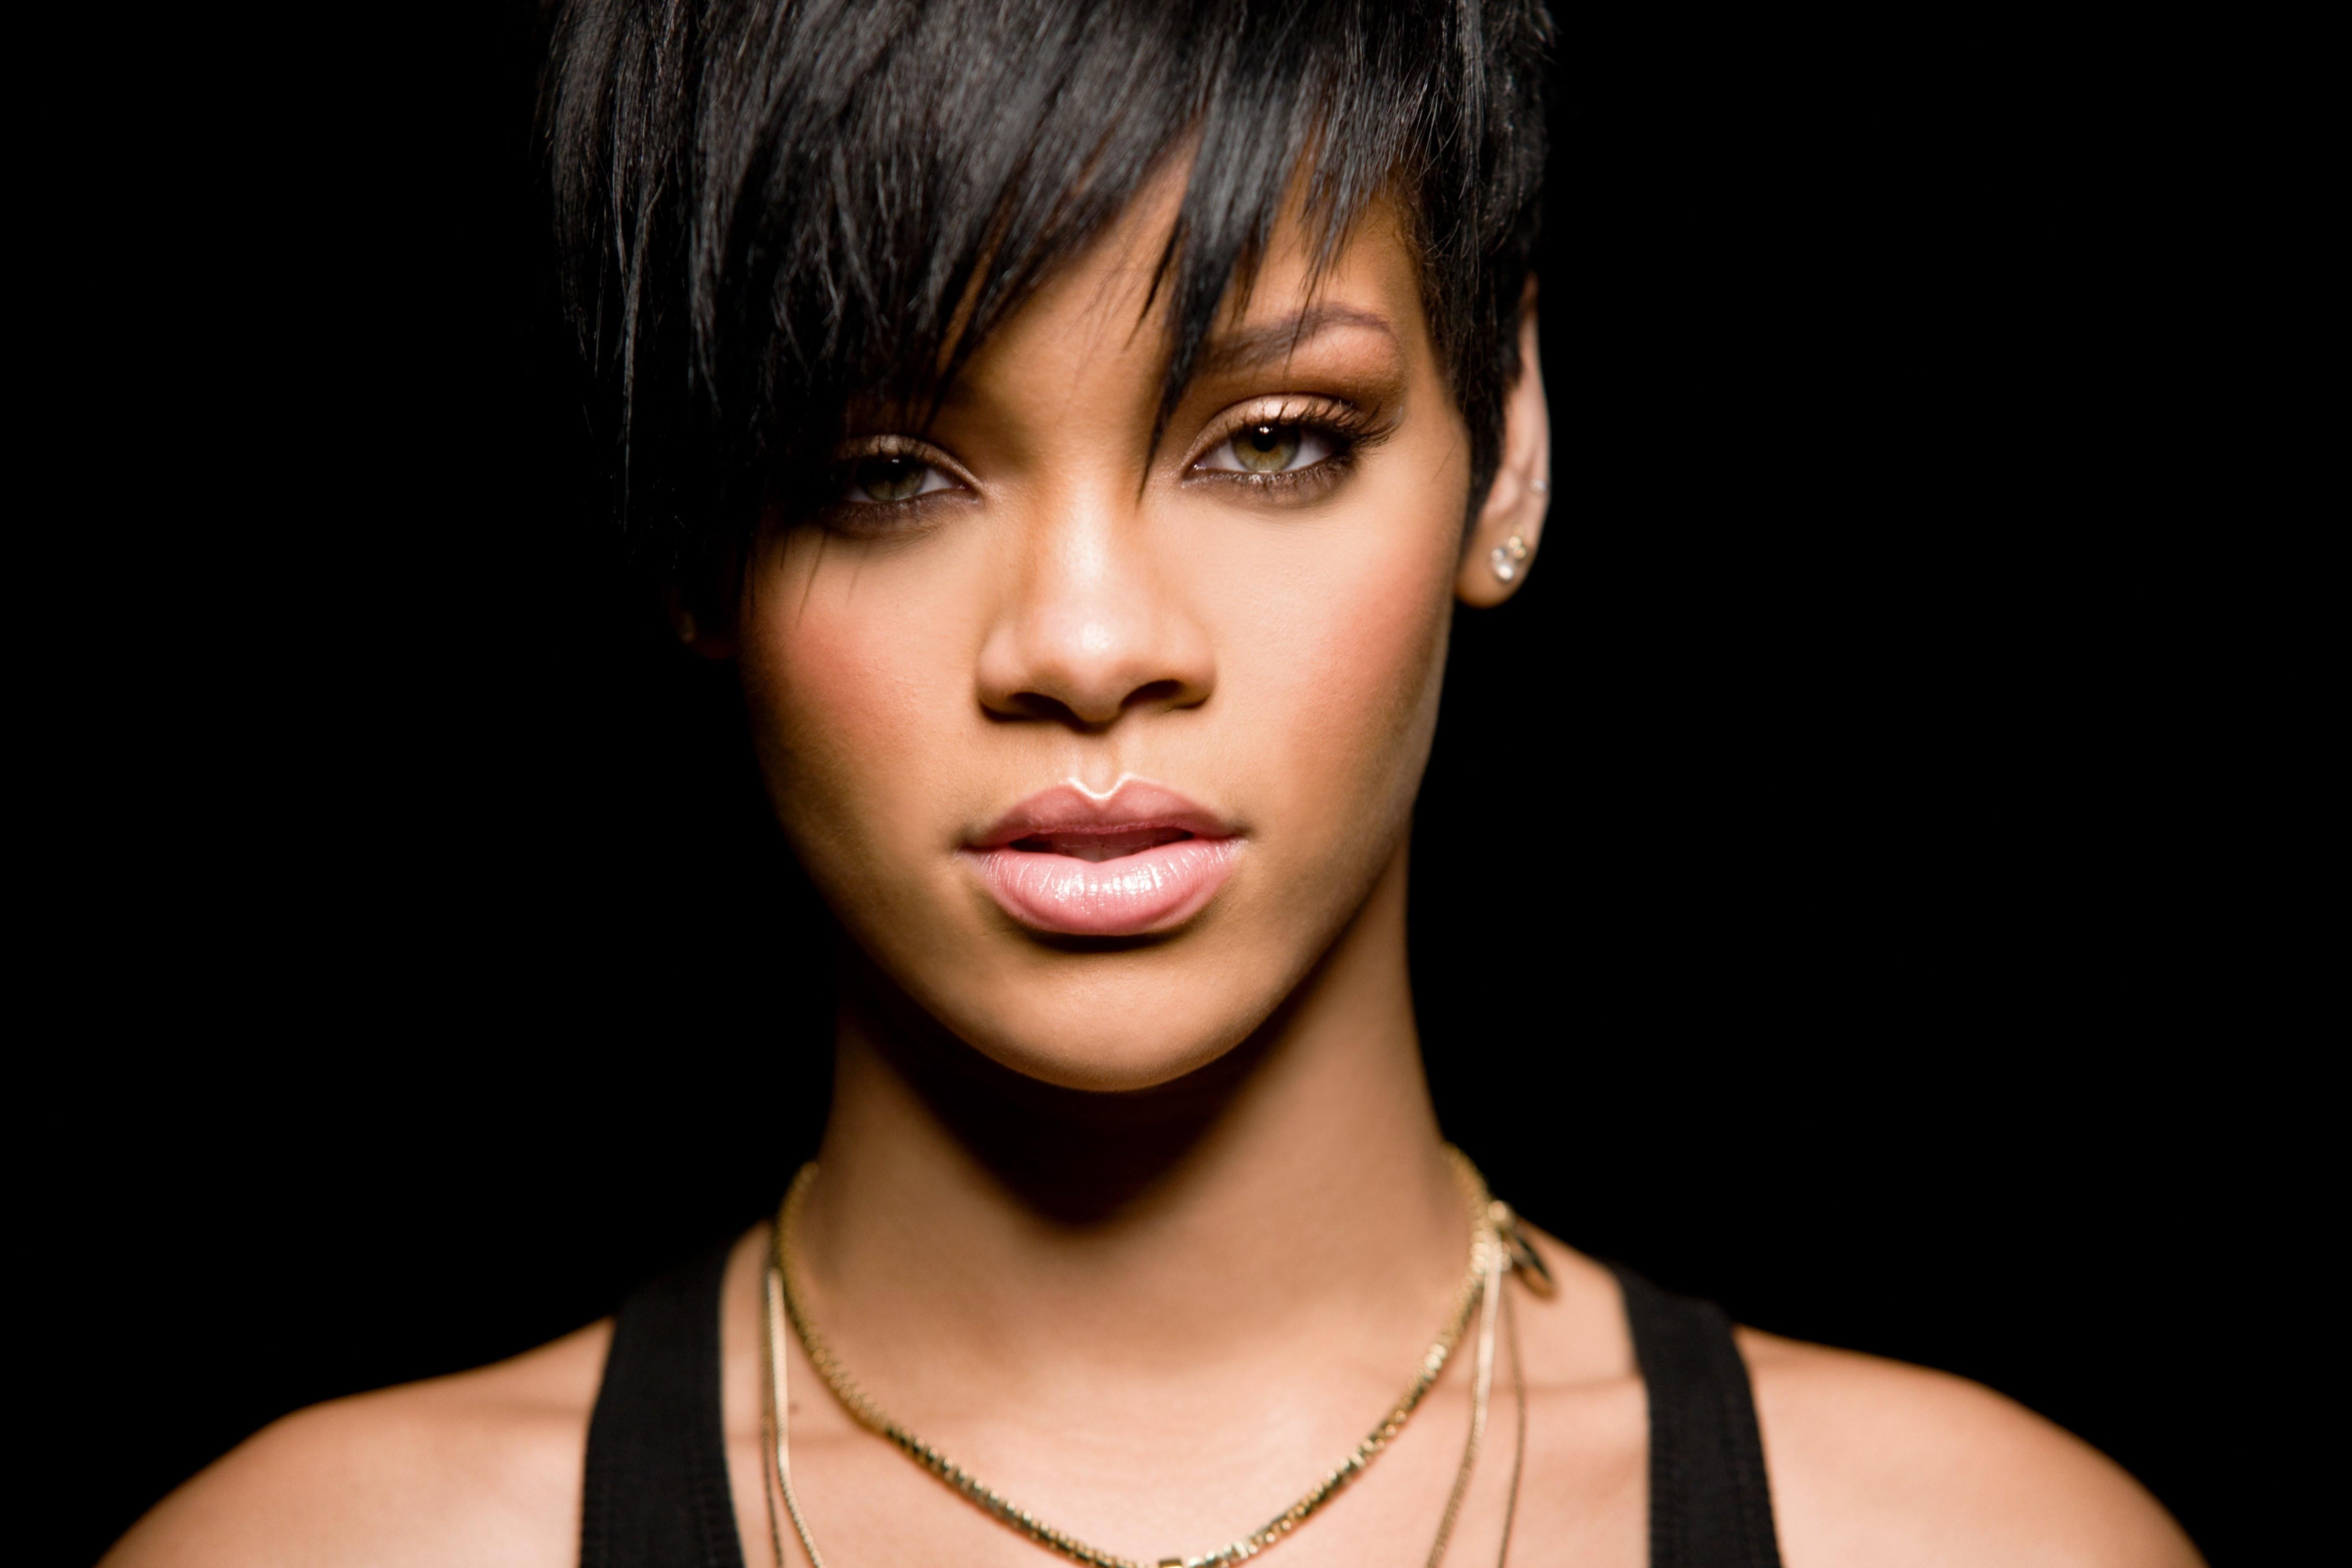 viso nero donne modello ritratto capelli lunghi capelli corti cantante capelli  neri capelli scuri moda capelli a290195a5453